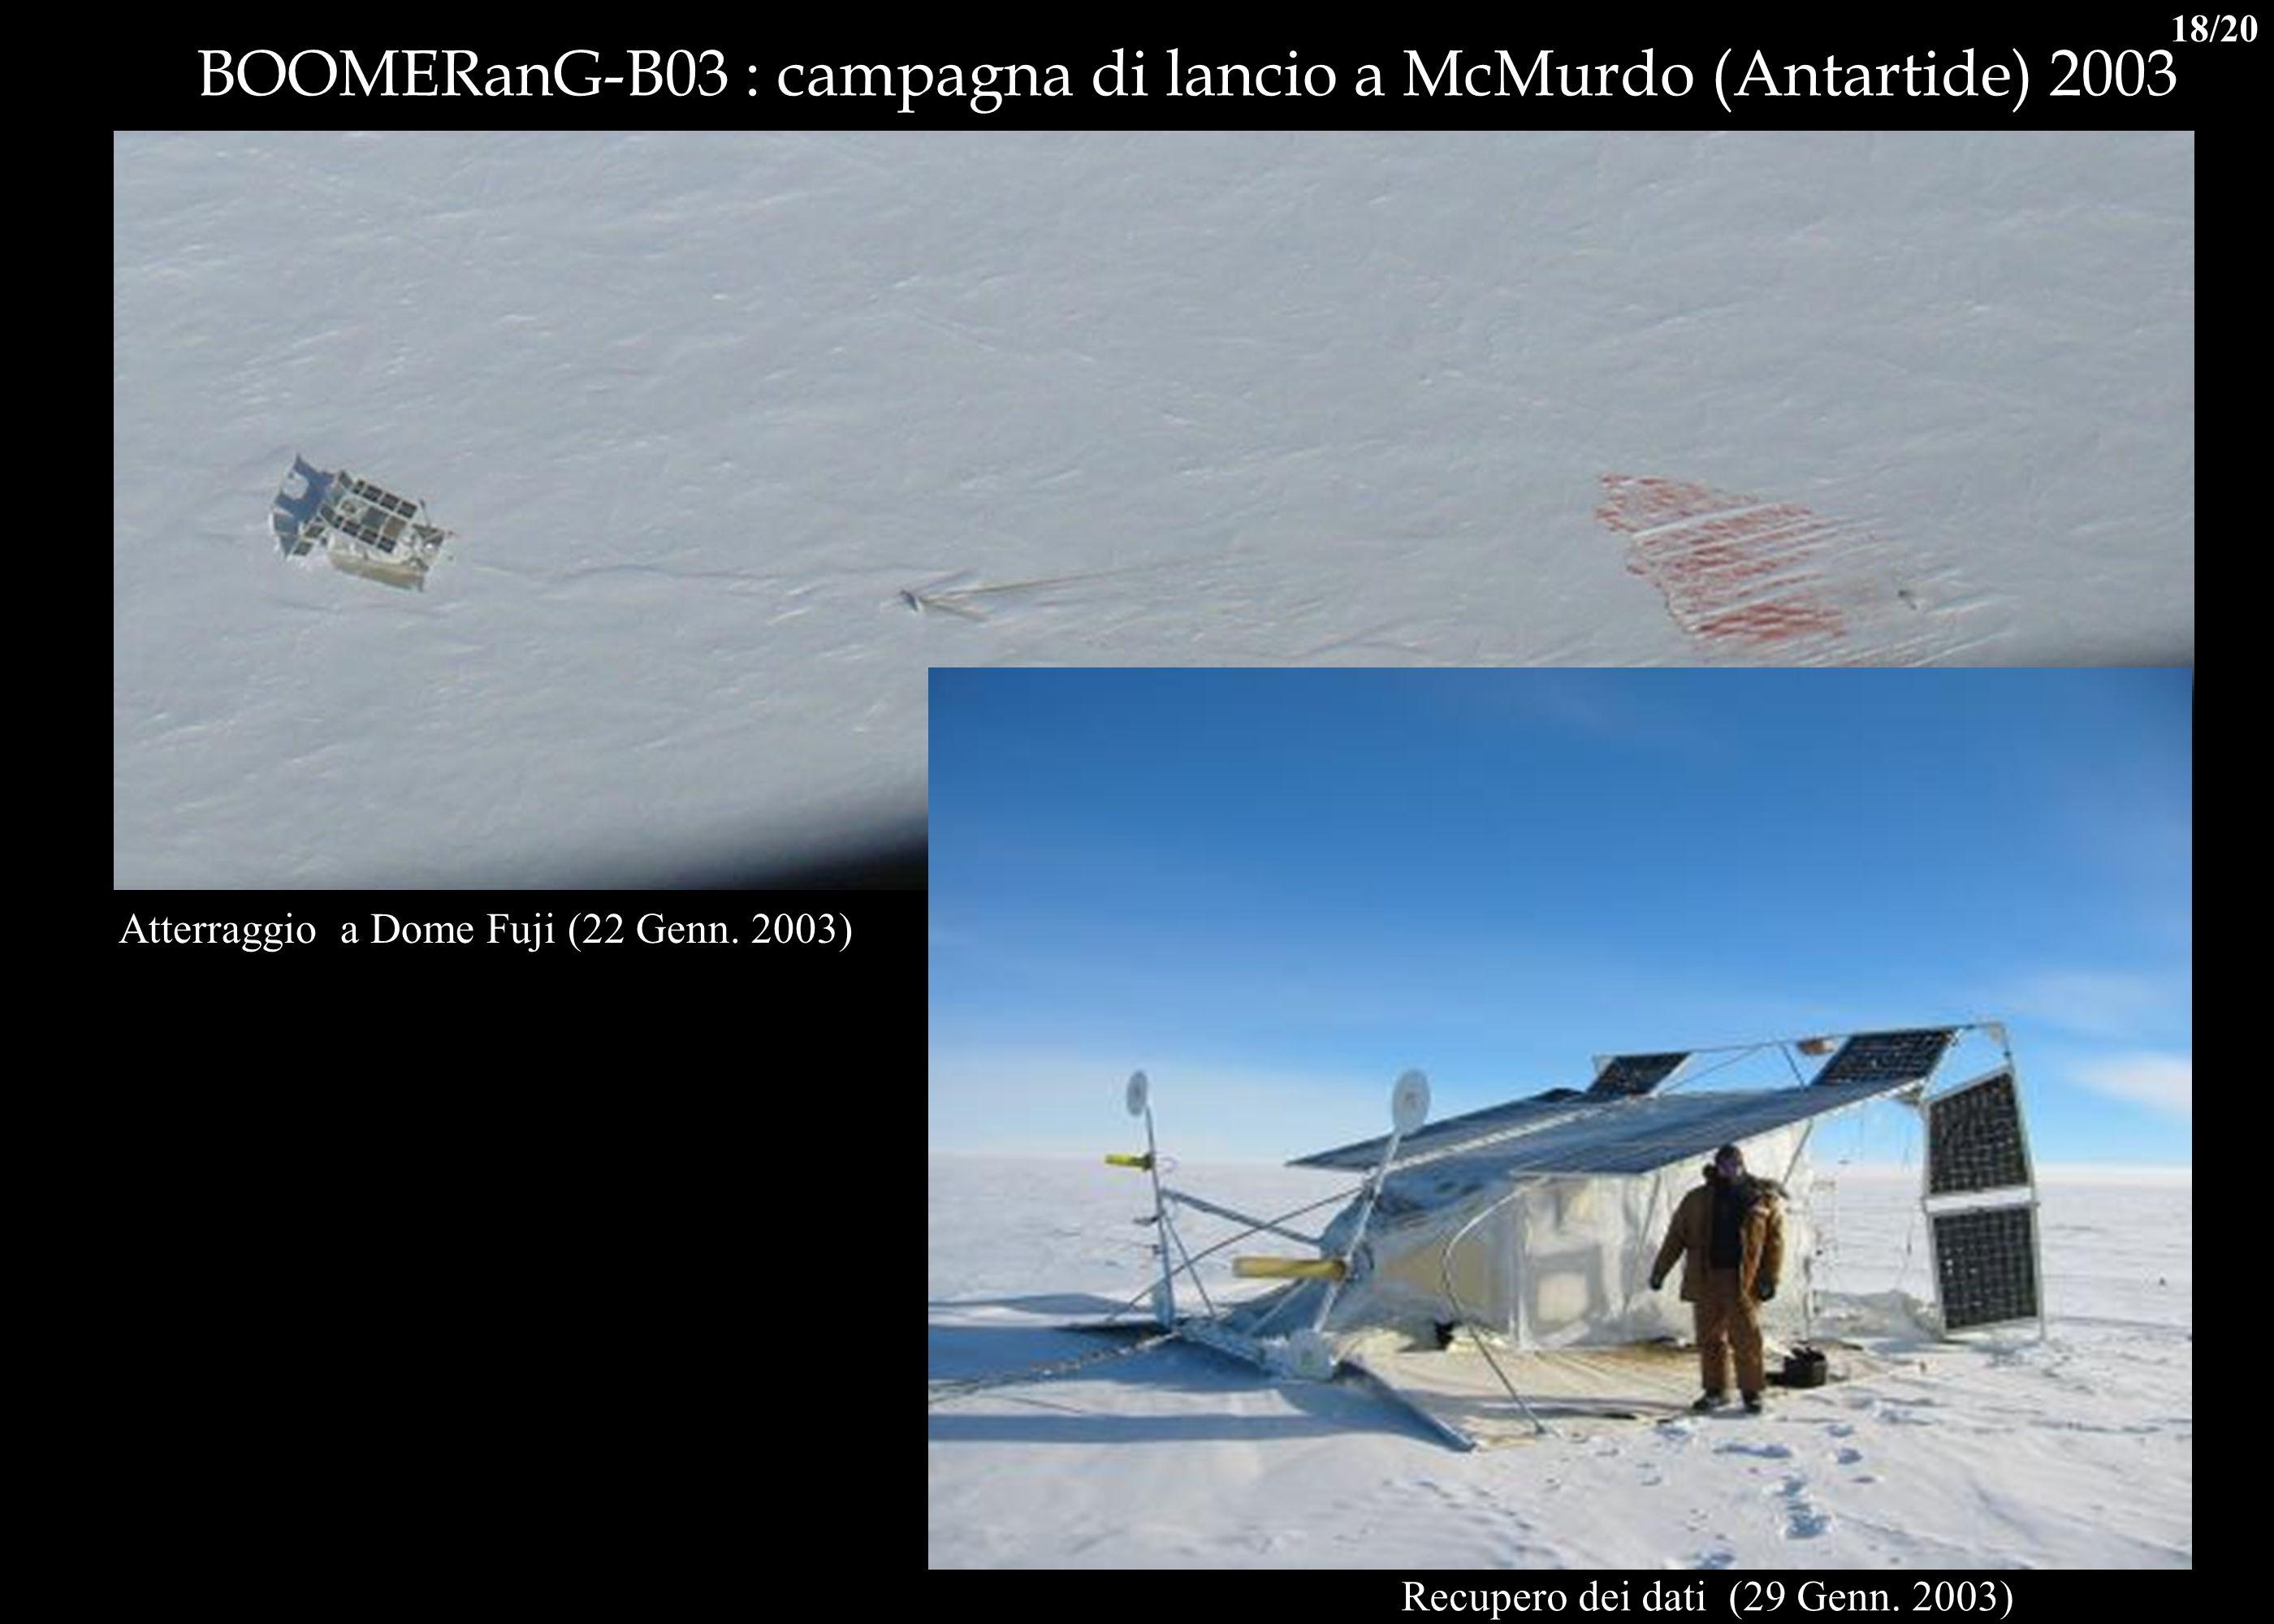 Recupero dei dati (29 Genn. 2003) BOOMERanG-B03 : campagna di lancio a McMurdo (Antartide) 2003 Atterraggio a Dome Fuji (22 Genn. 2003) 18/20